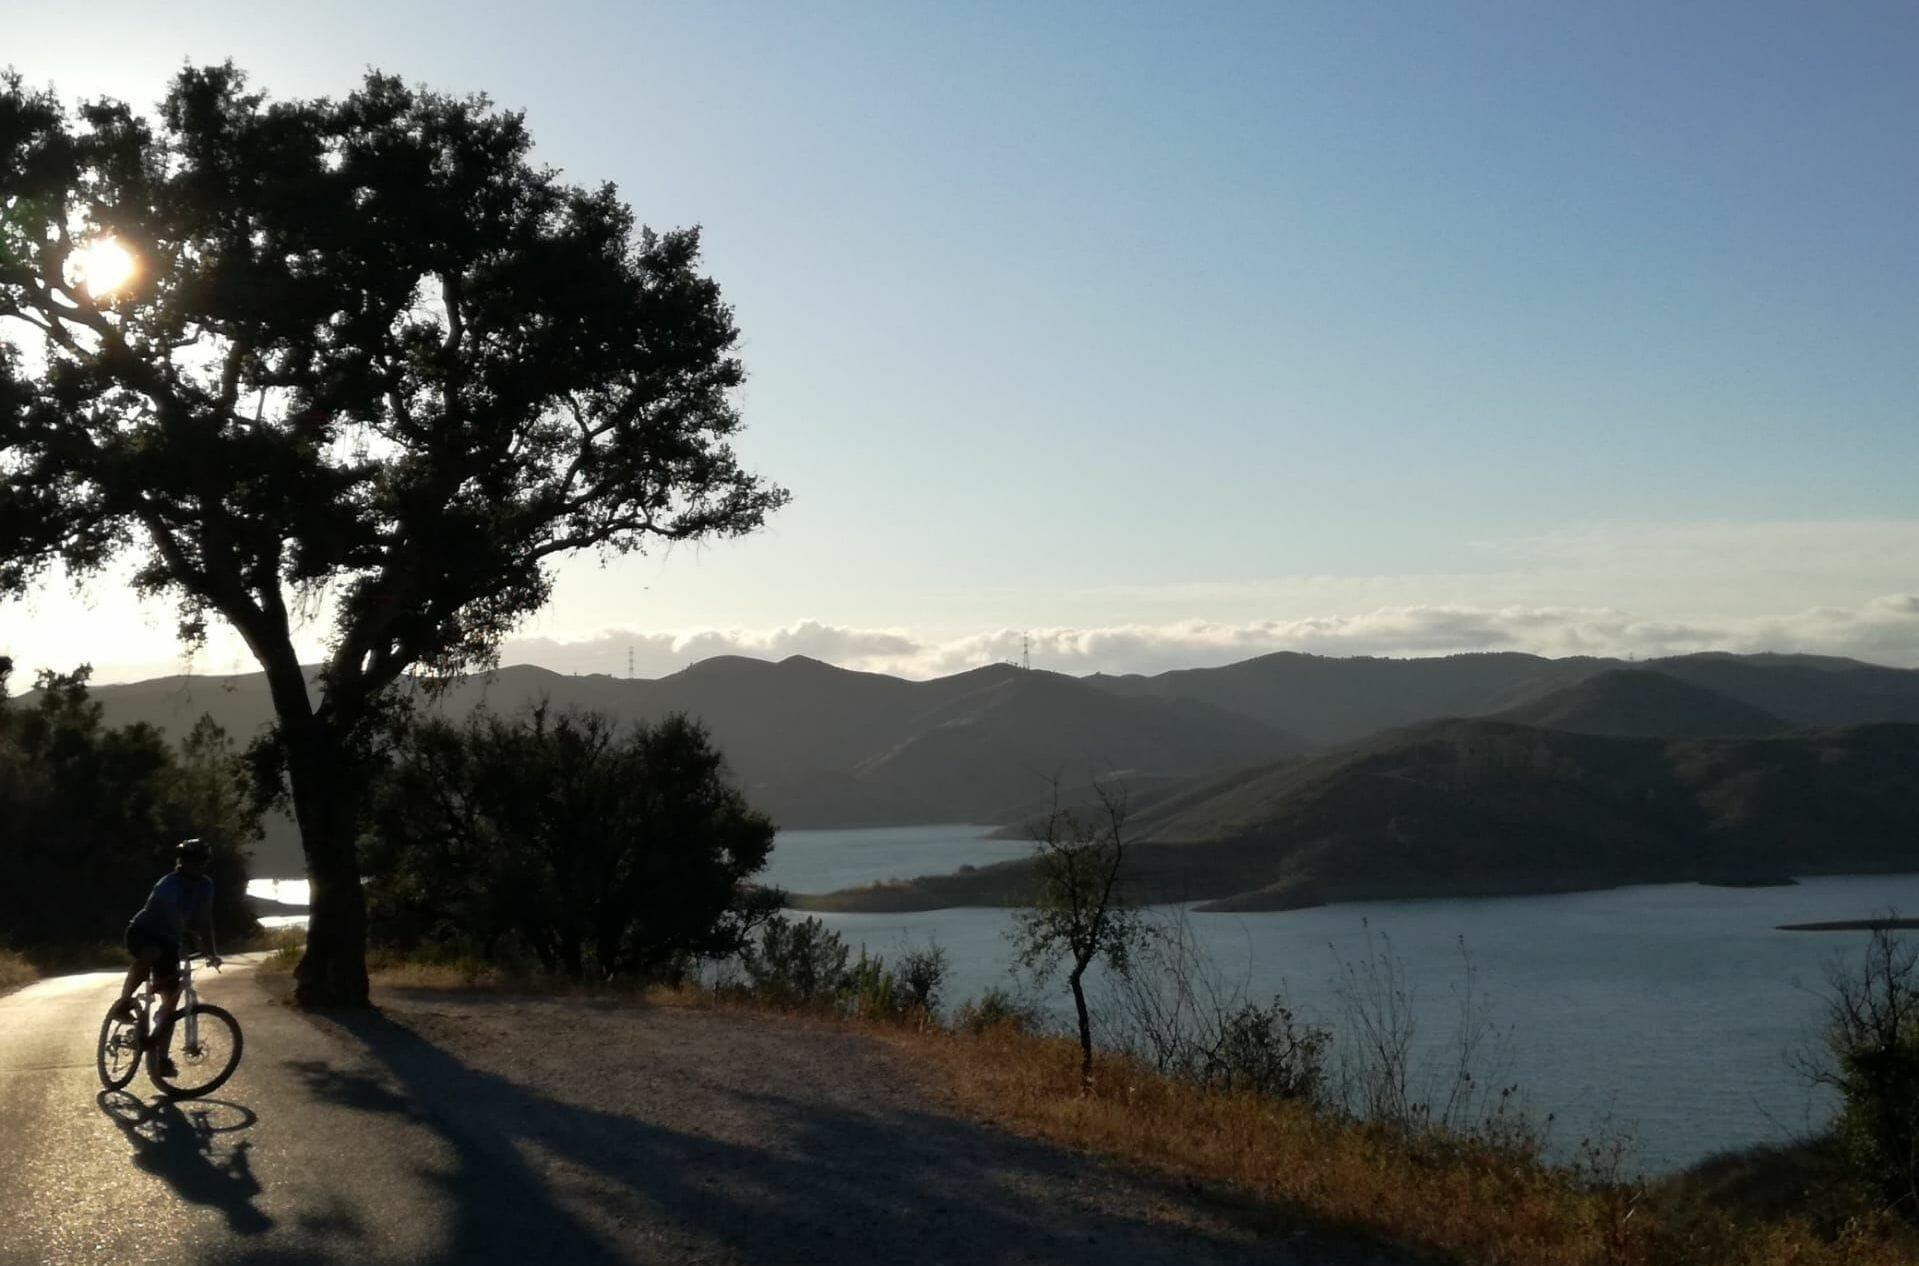 e-Mountainbike Touren in traumhafte Naturlandschaften der Algarve